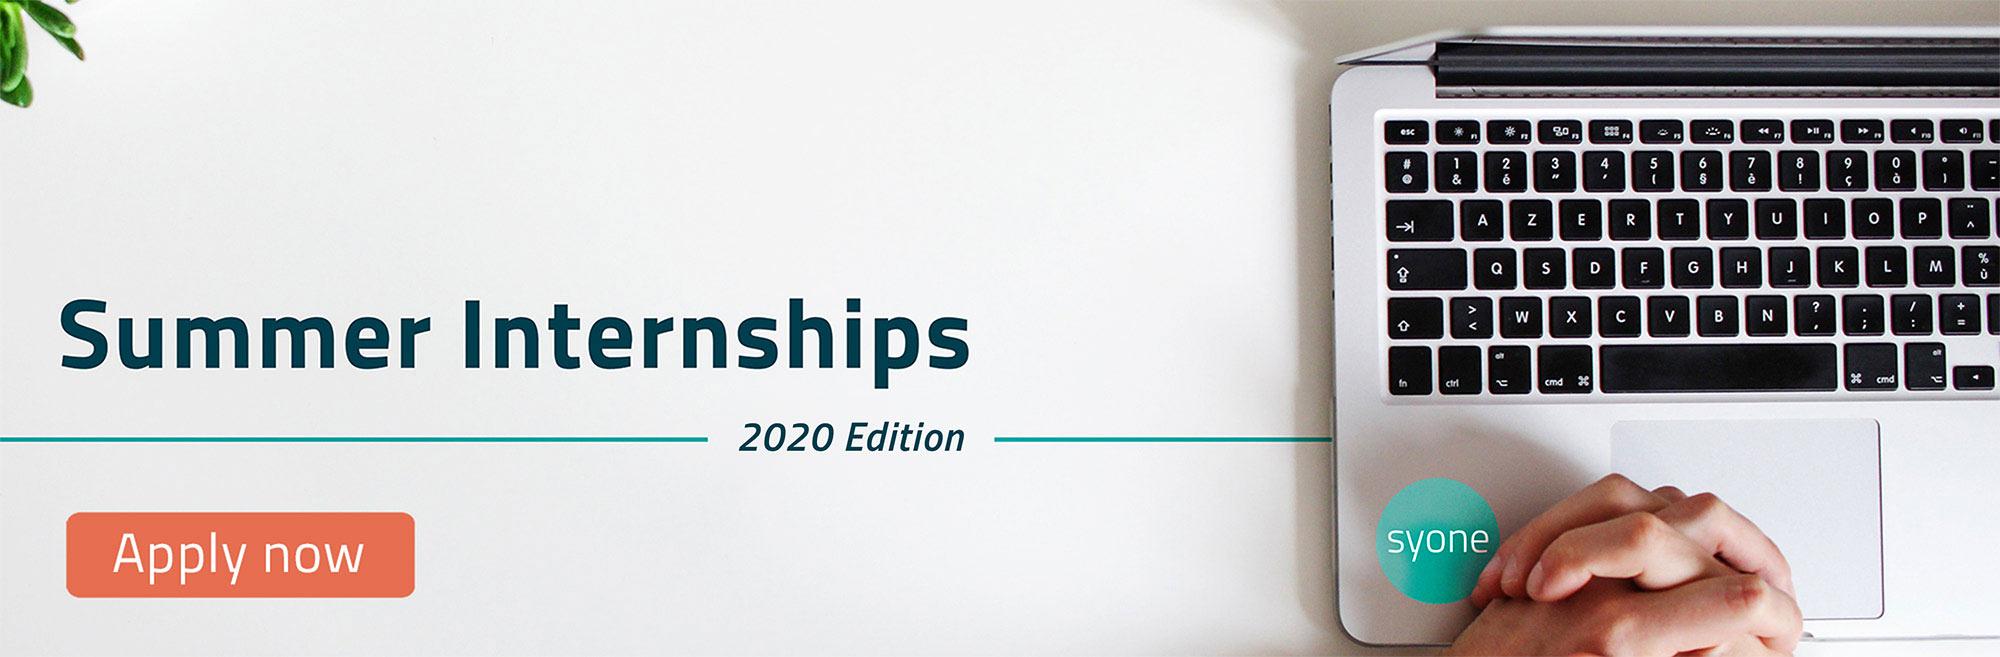 Summer Internships 2020